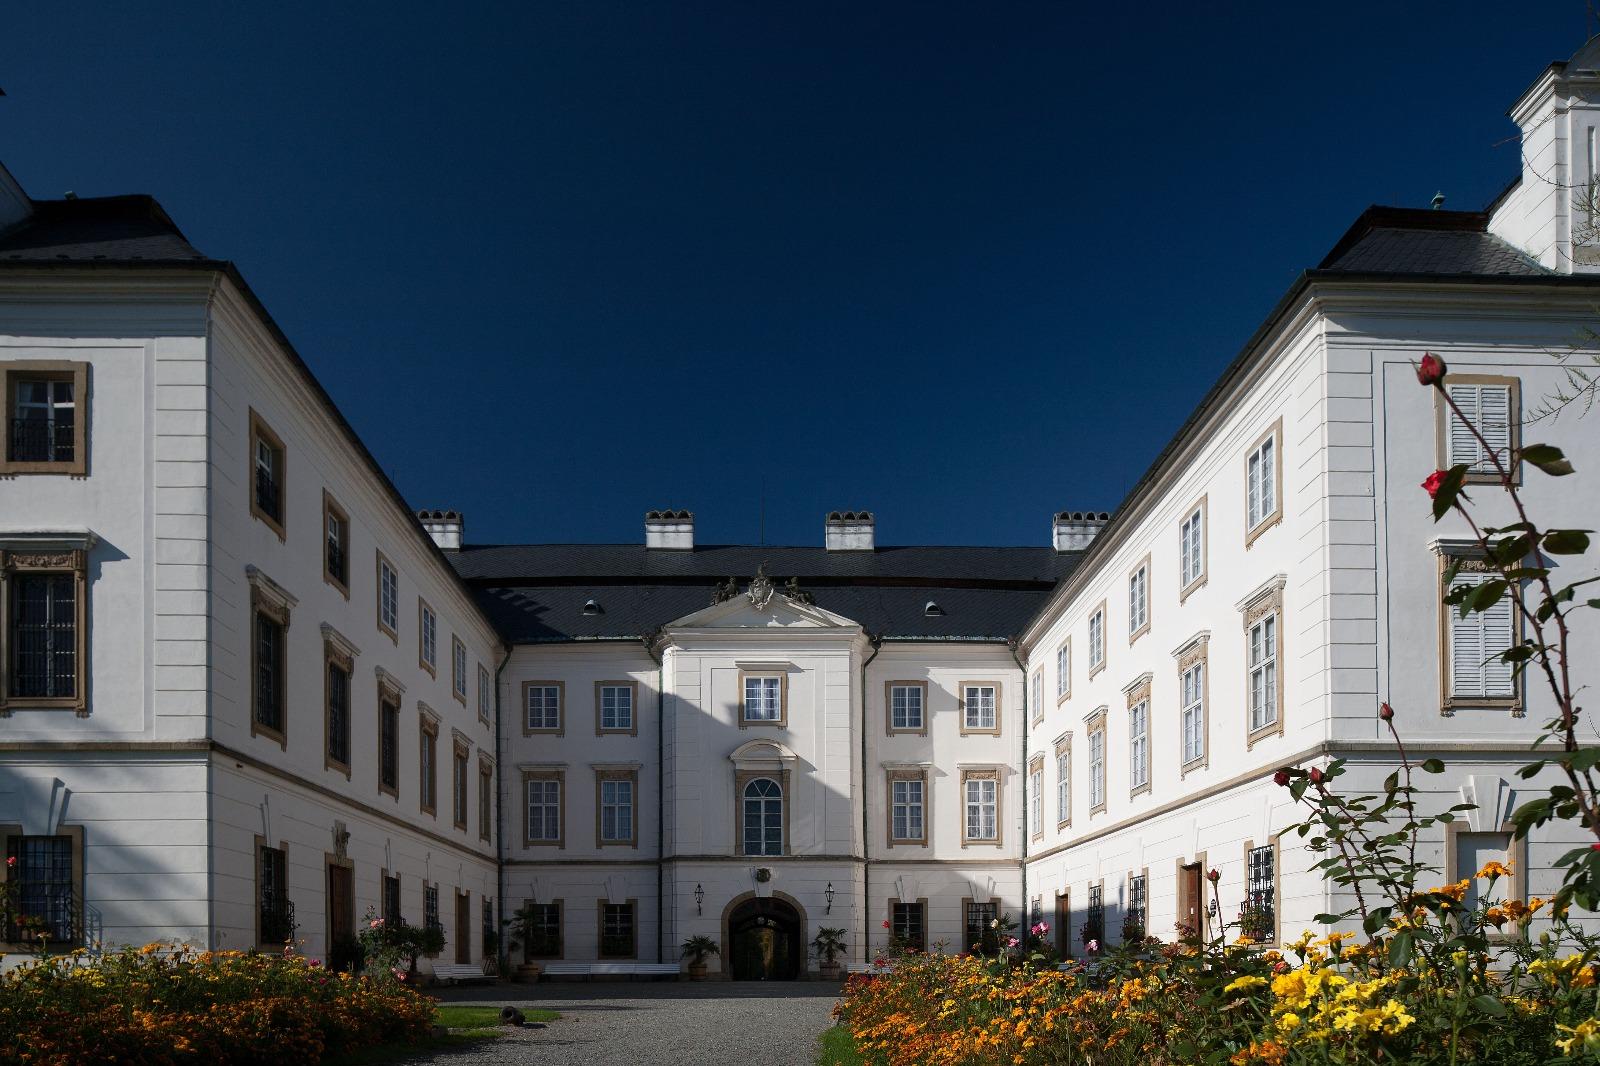 Chateau Vizovice